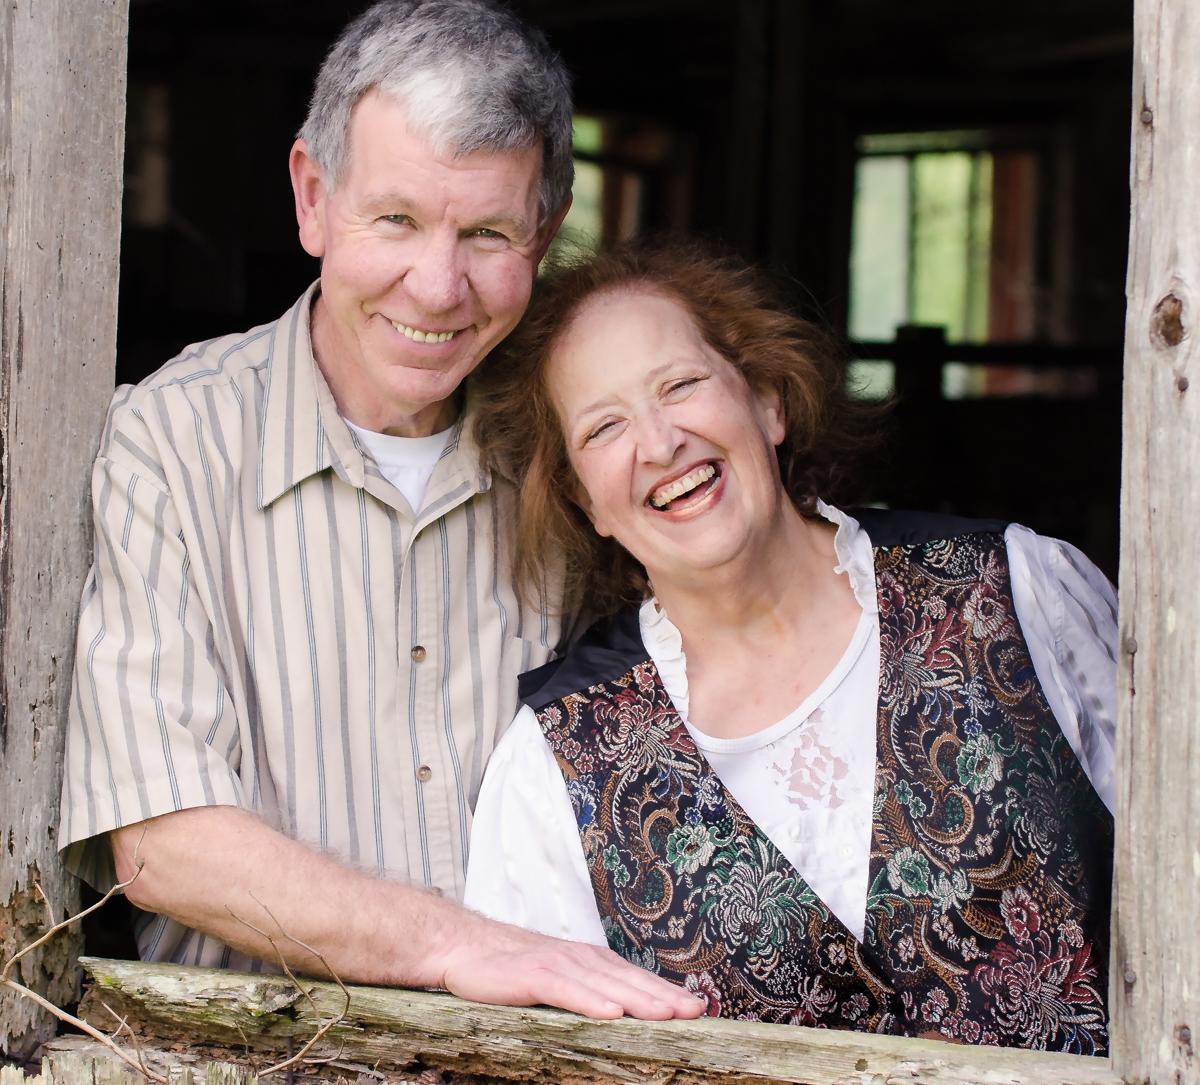 Steve and Brenda.jpg